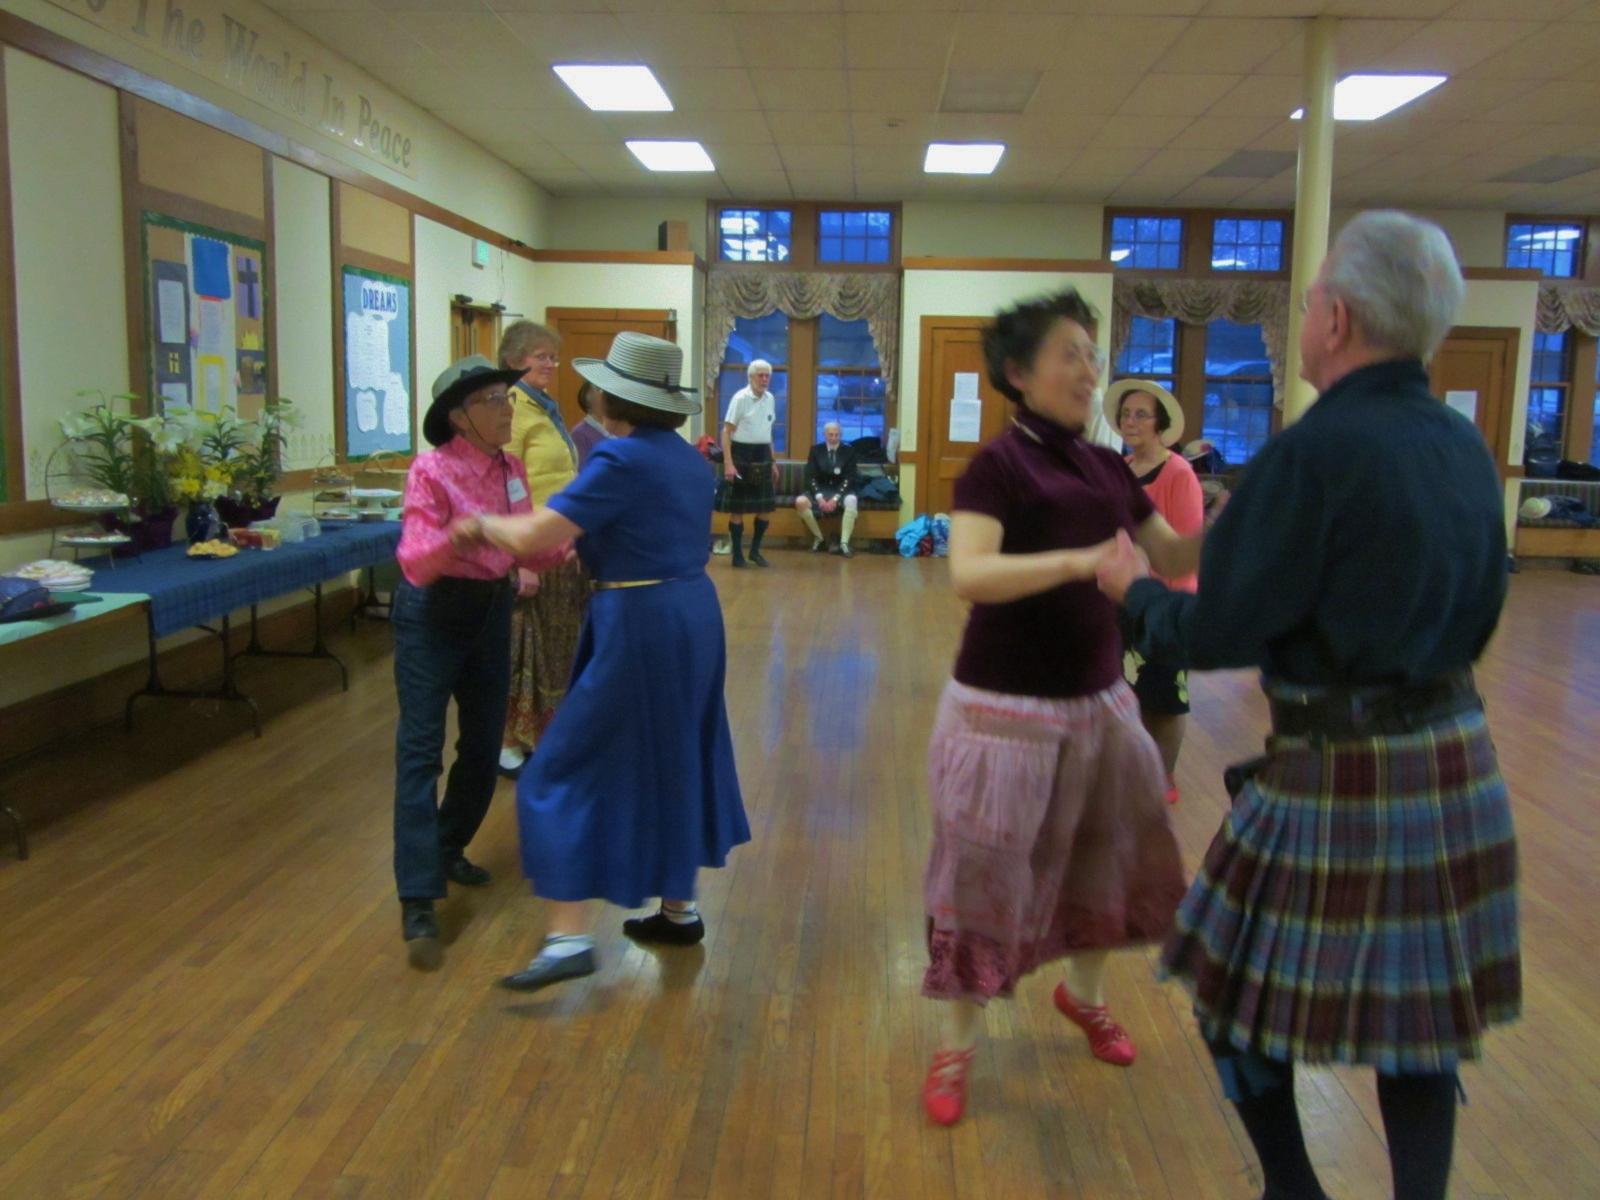 IMG_1385 - Middletown Tea Dance 2014